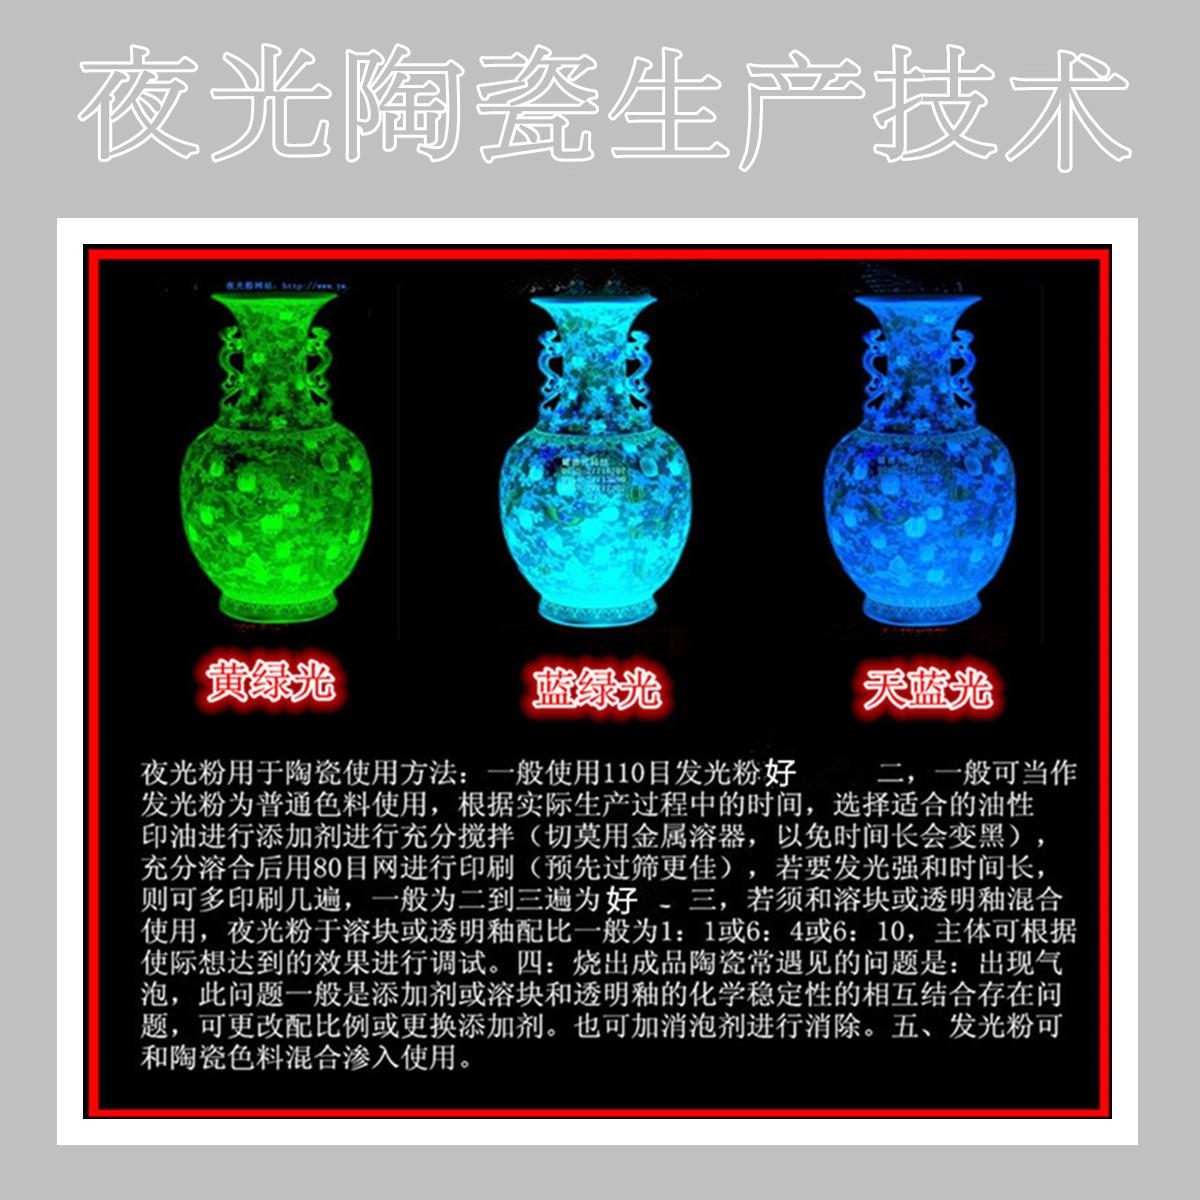 夜光粉陶瓷用法.jpg